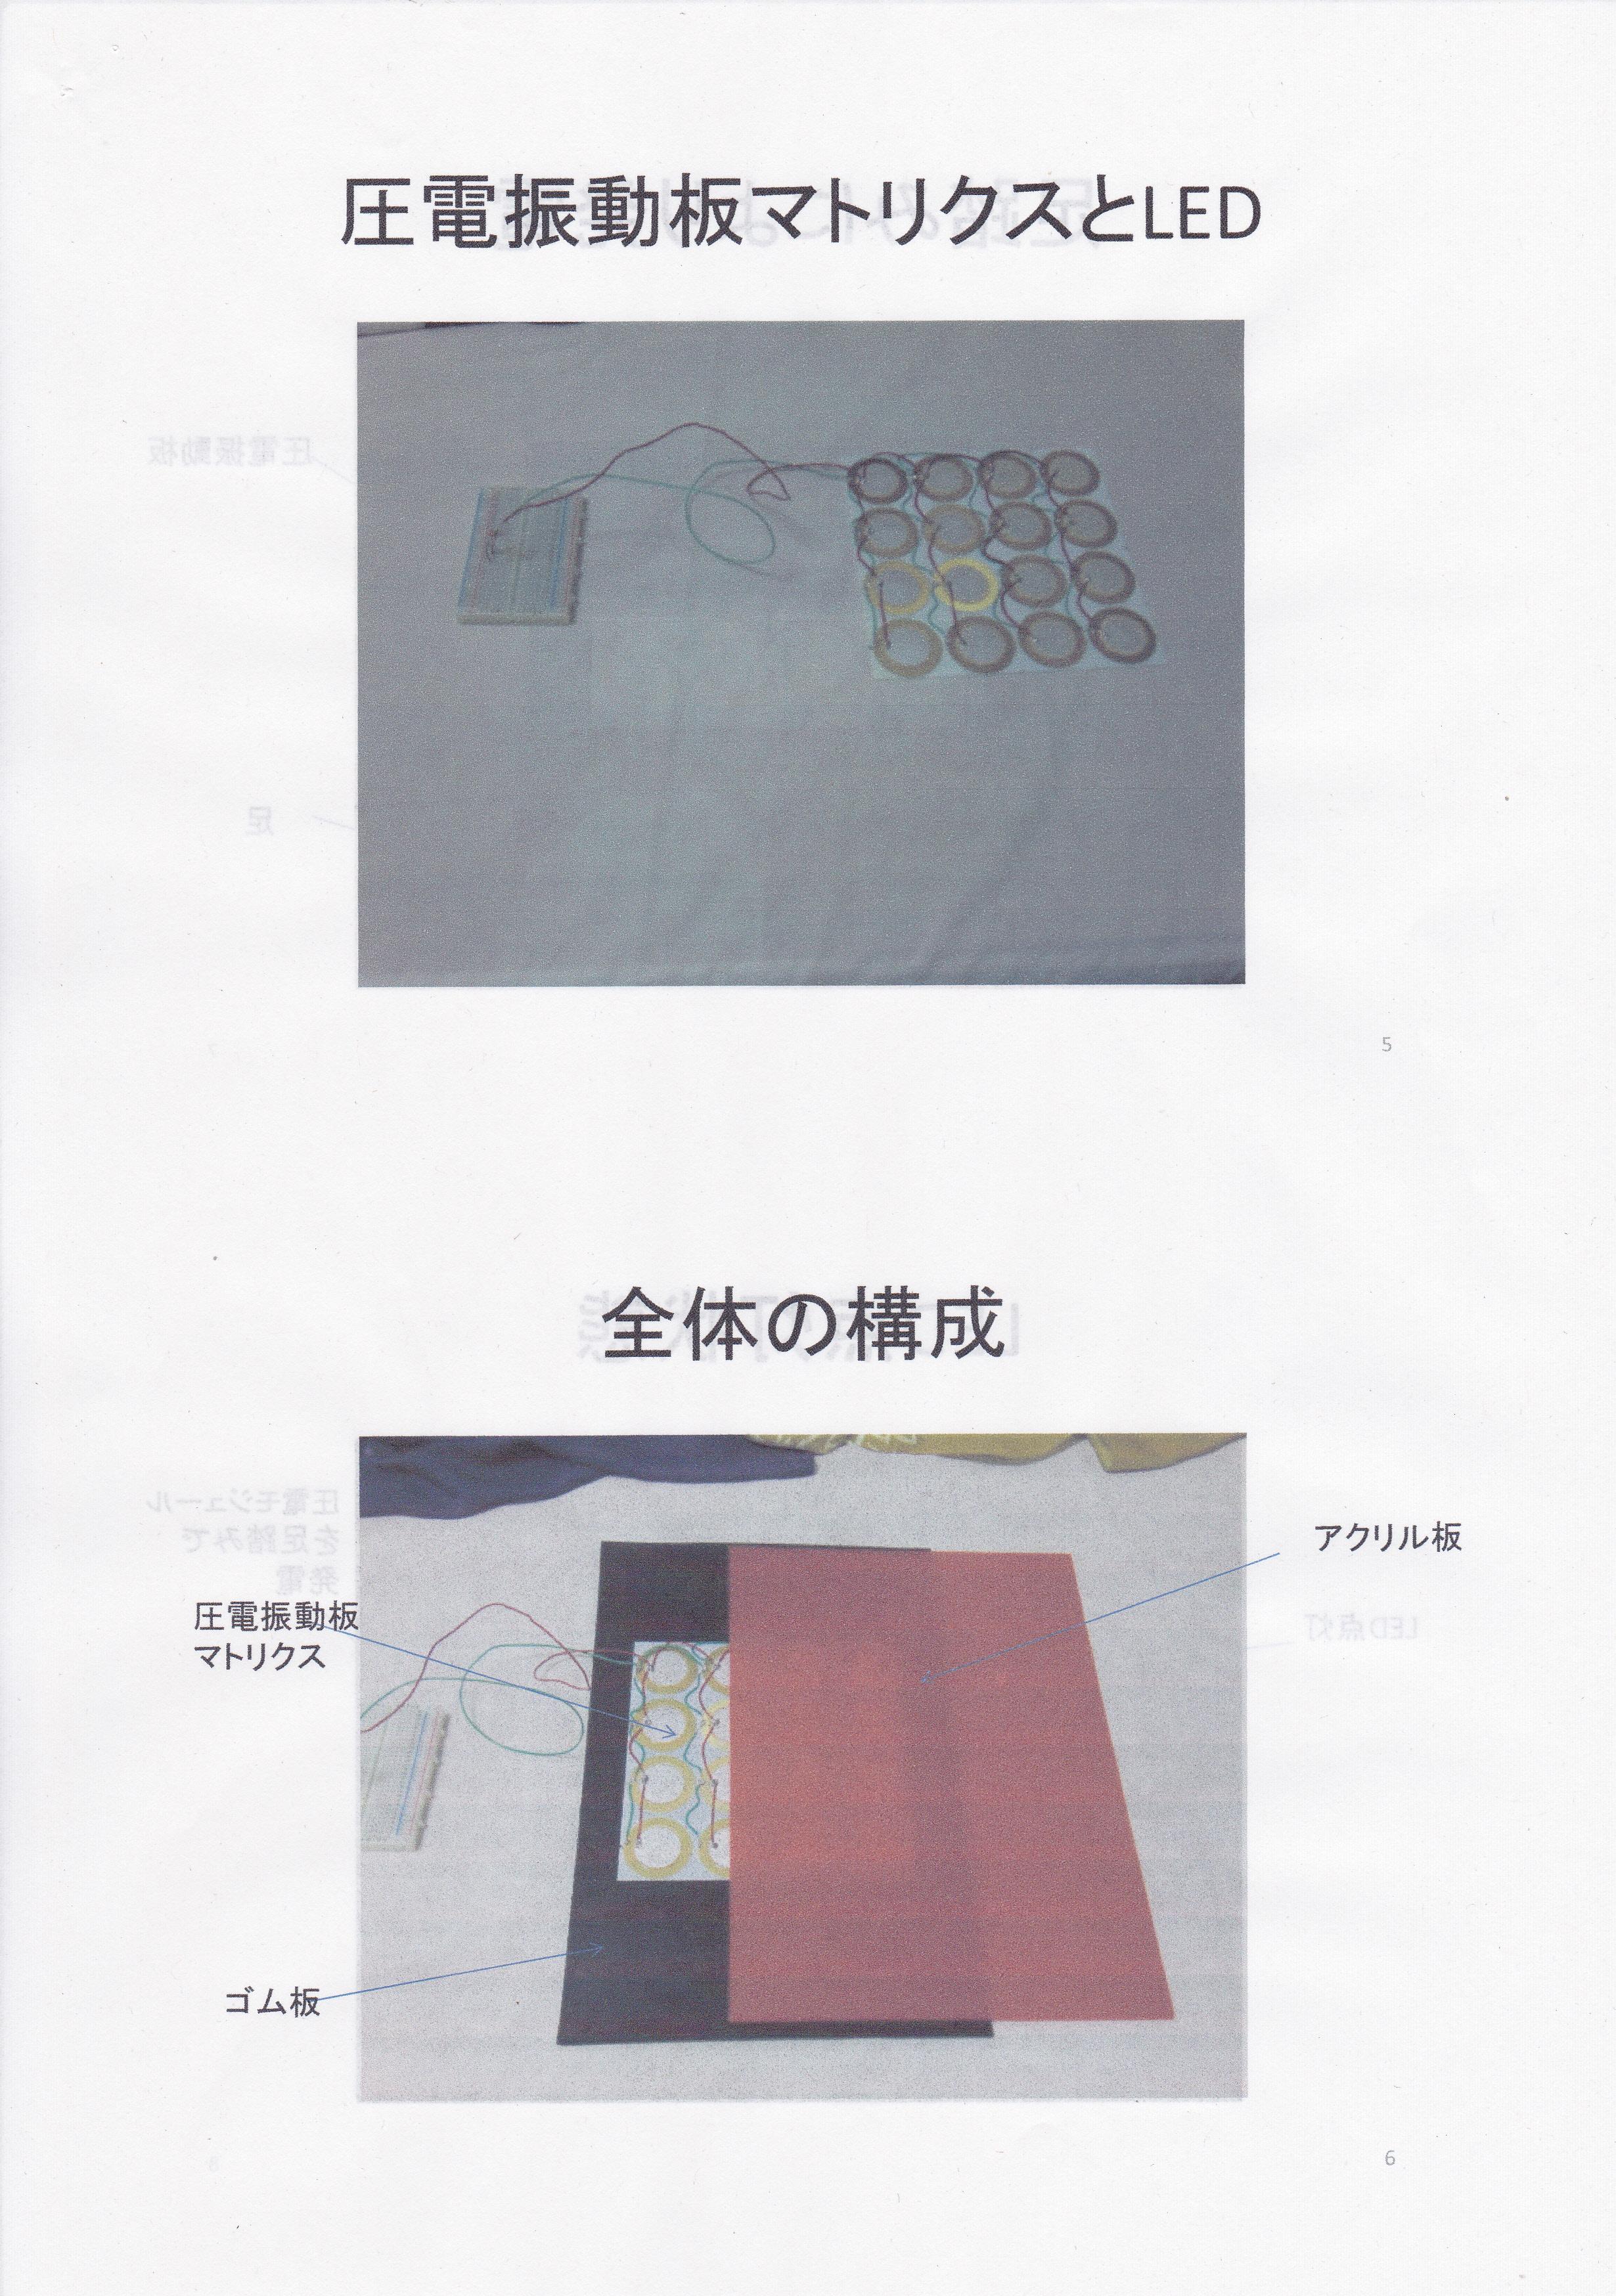 ミニ床発電モジュール実験3